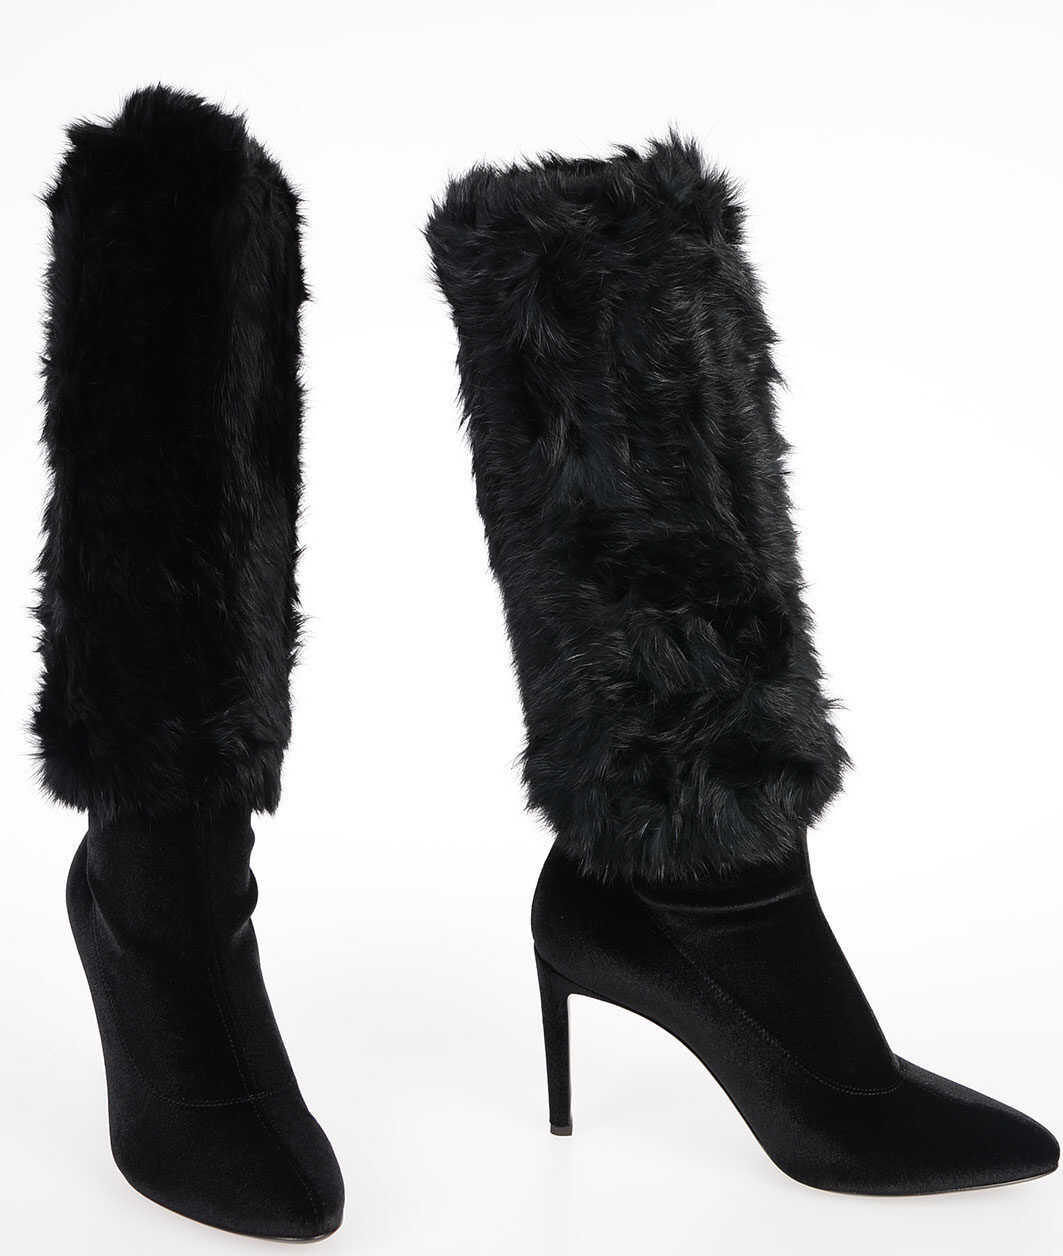 9cm Velvet Real Fur Boots thumbnail